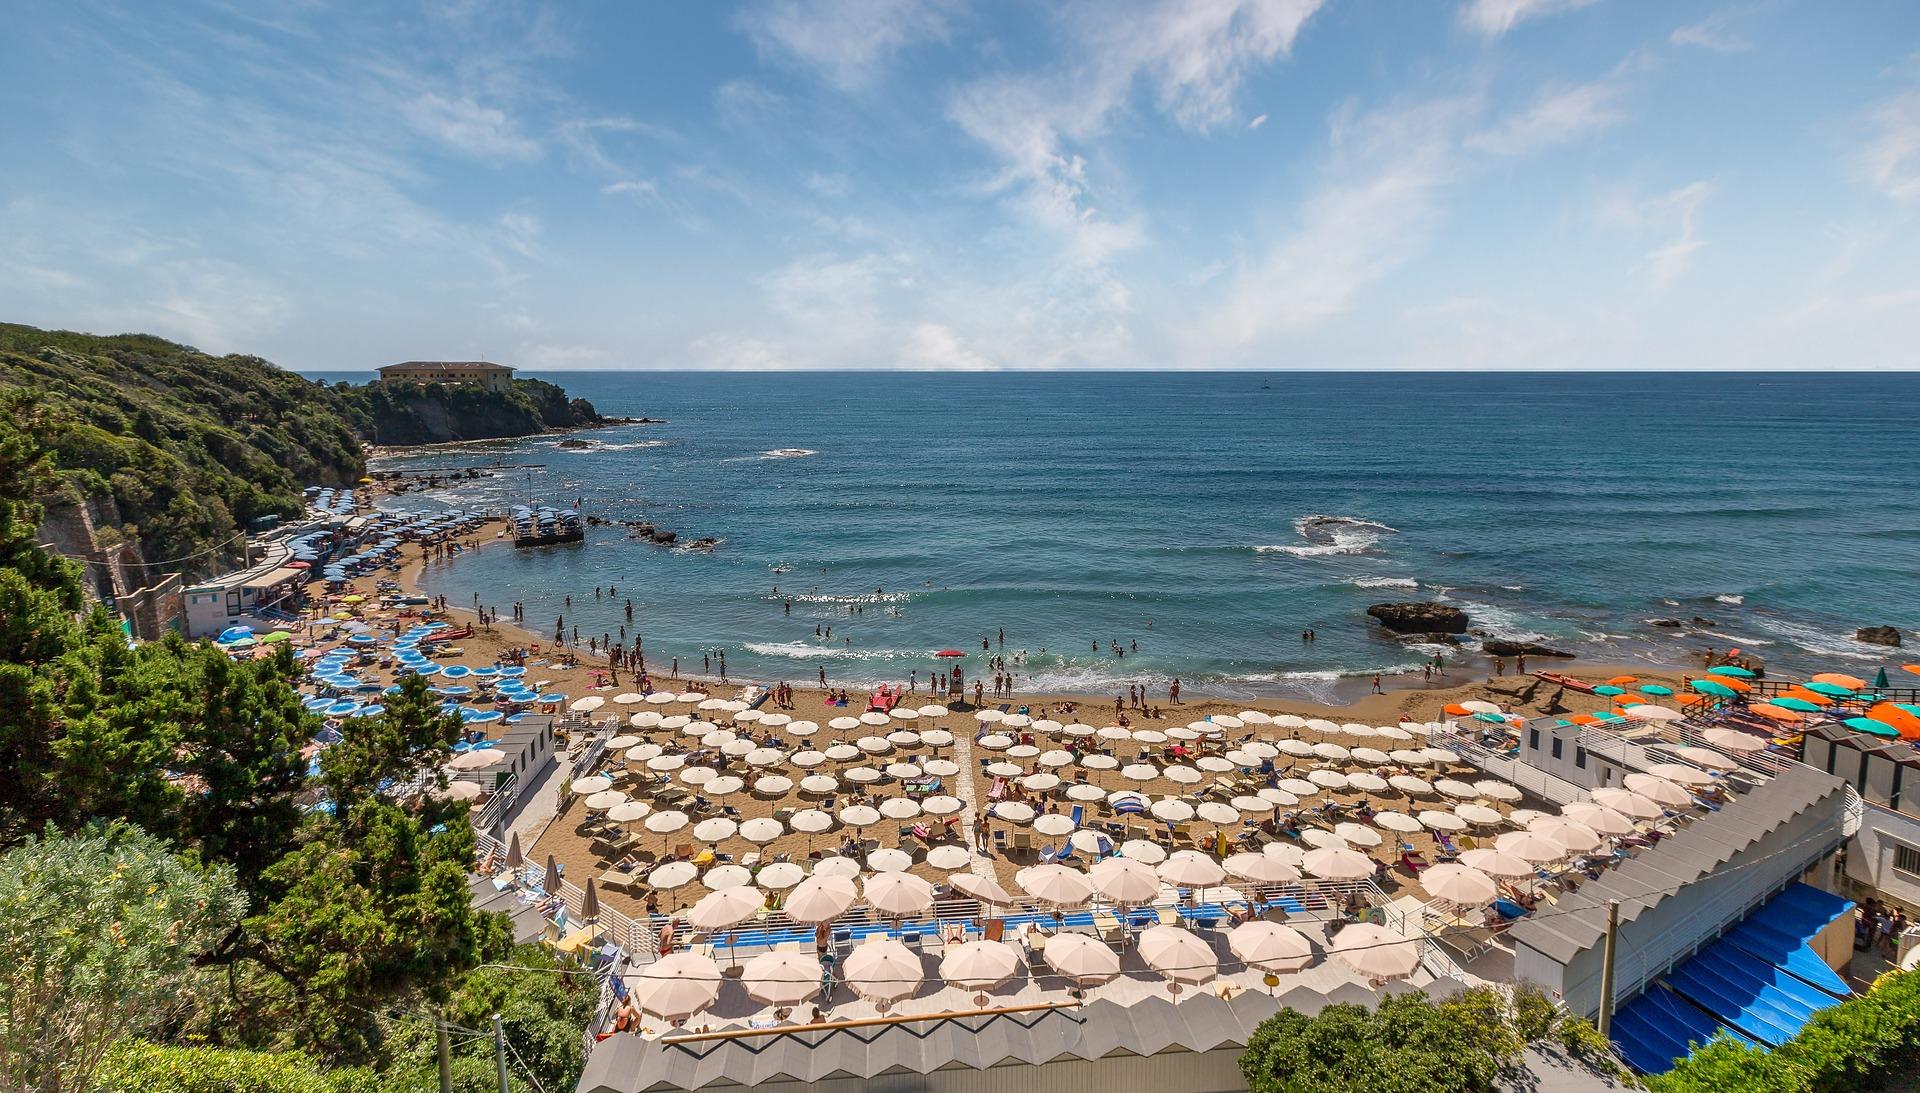 Spiagge bianche Castiglioncello